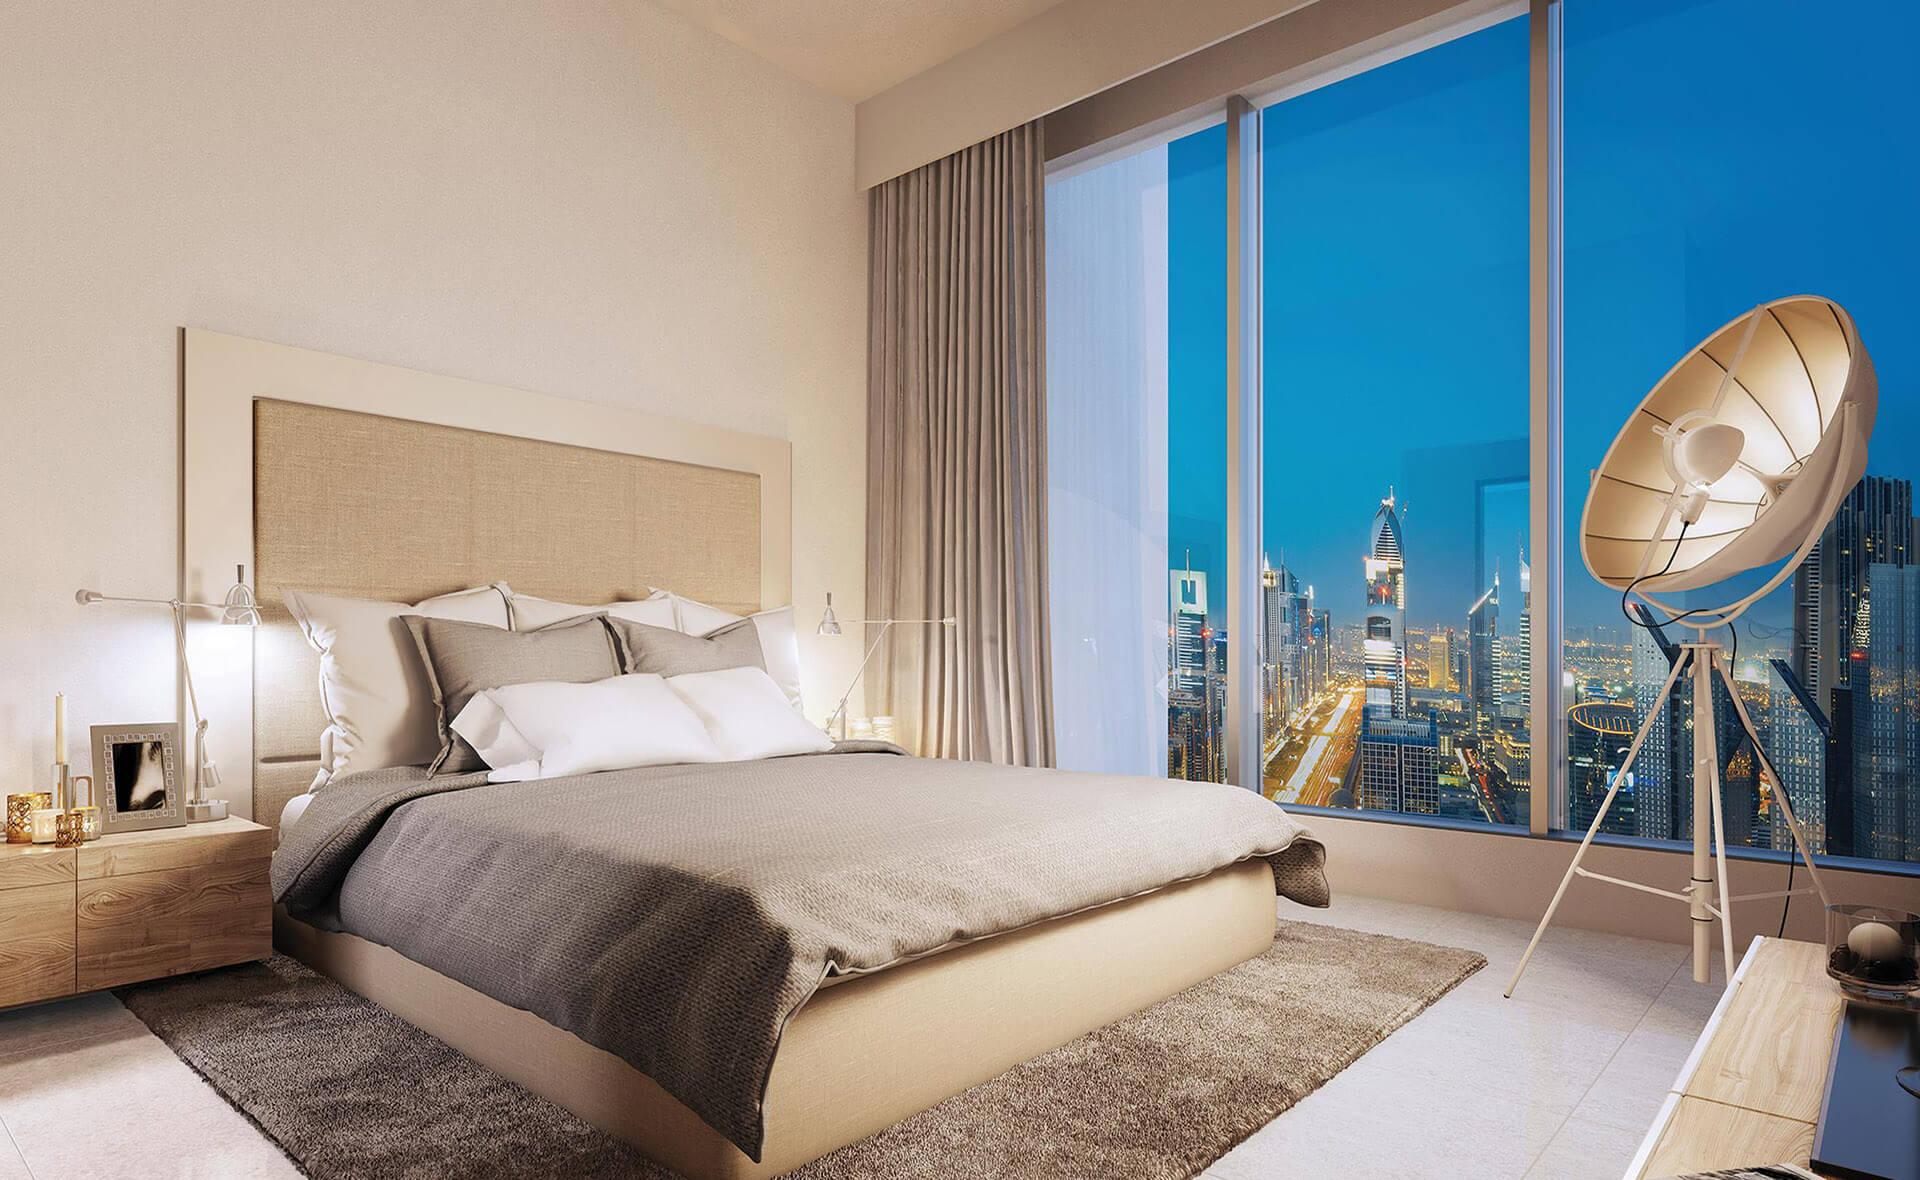 Apartment for sale in Dubai, UAE, 1 bedroom, 96 m2, No. 23885 – photo 1